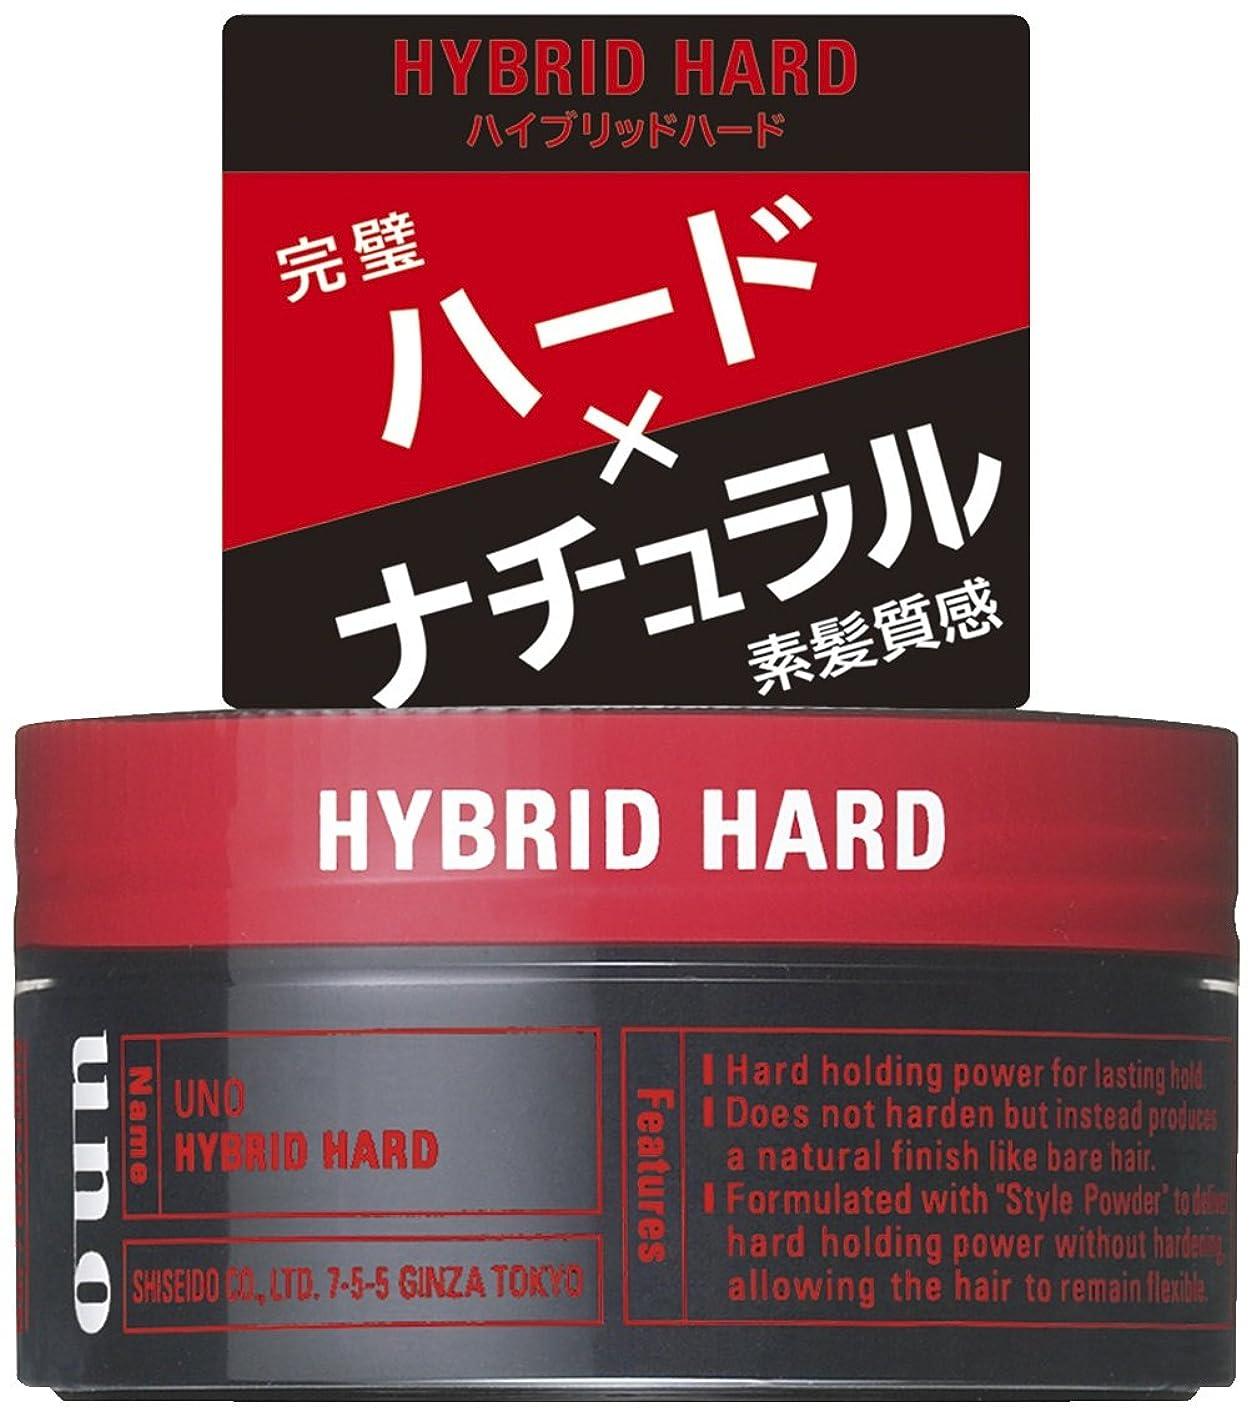 削減マサッチョ酸化物ウーノ ハイブリッドハード 80g ワックス